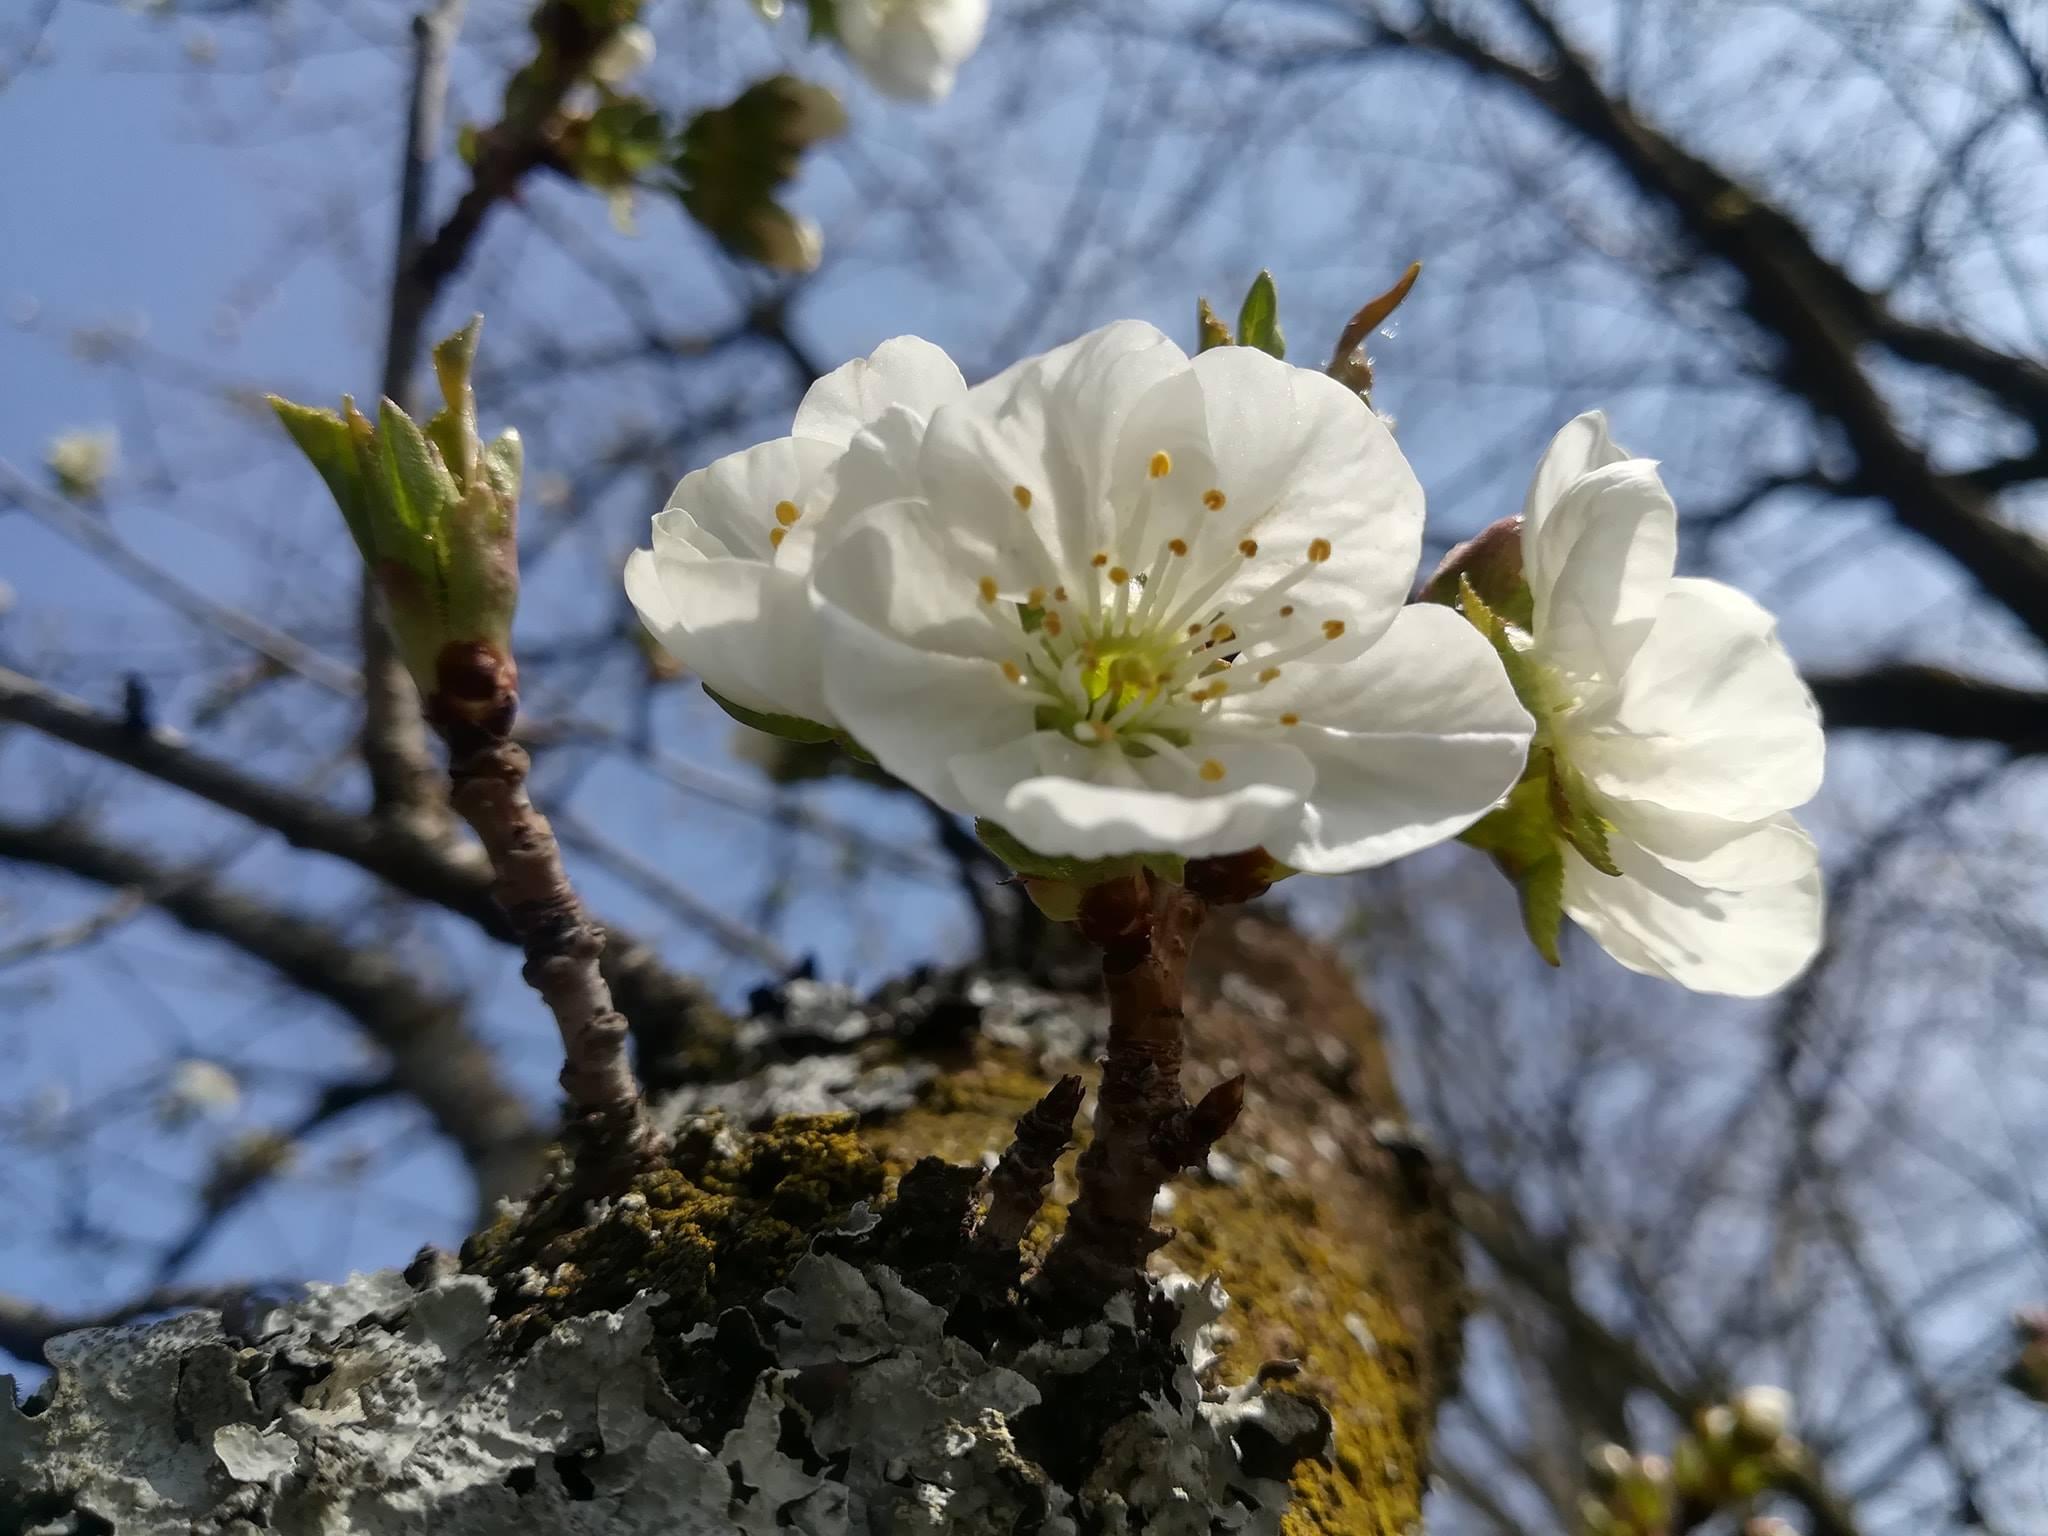 Meggyvirág | Orienta.hu